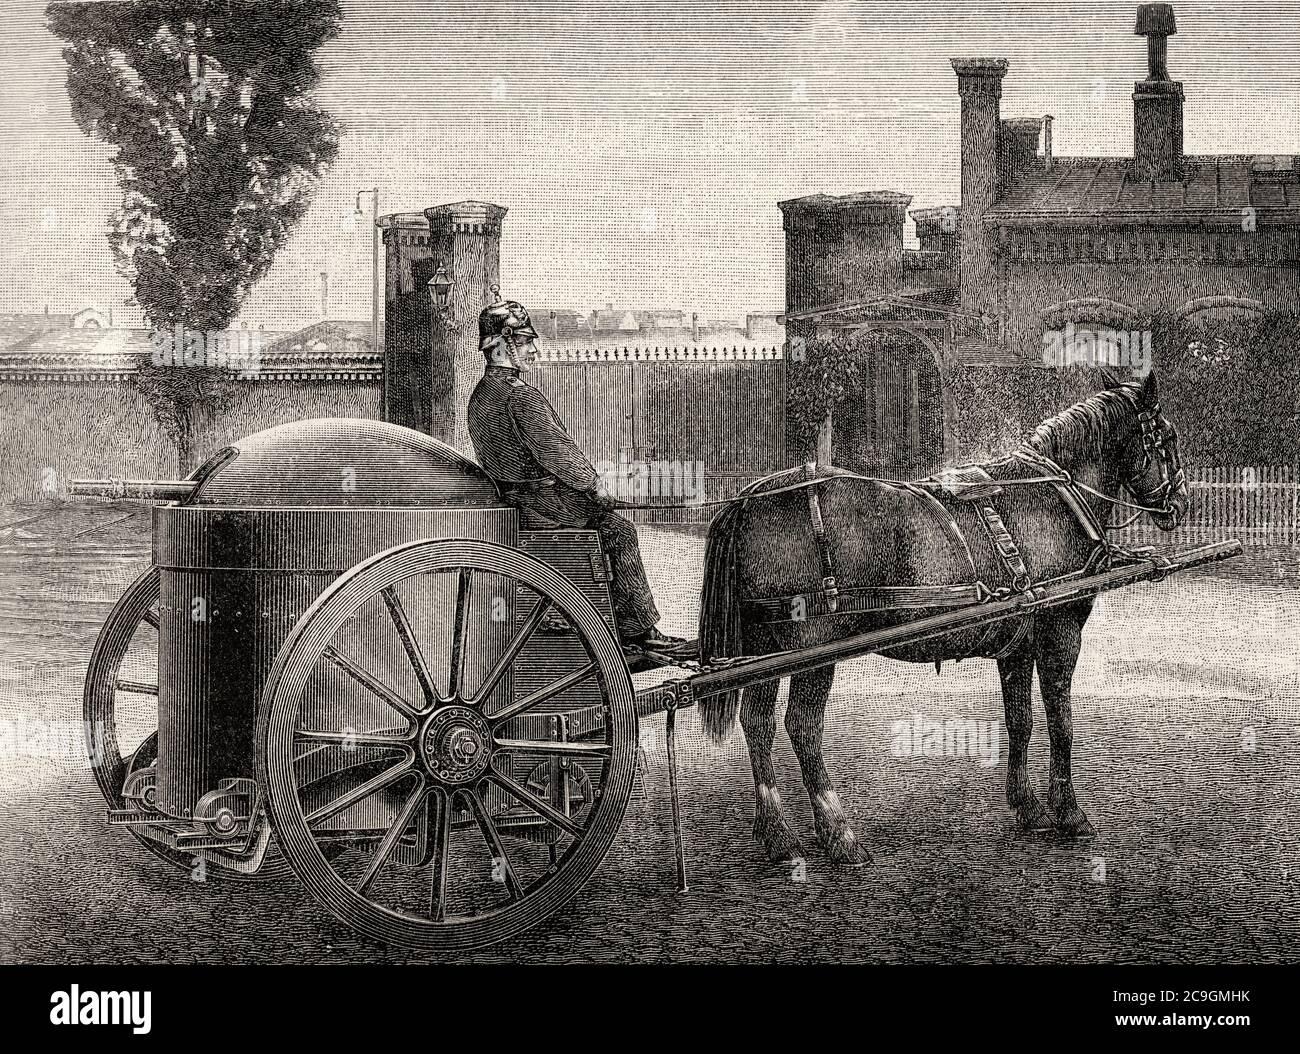 Transport d'une charriot métallique blindée armée d'un Krupp-Schuman de la fin du XIXe siècle. Illustration gravée de la Ilustracion Española y Americana datant du XIXe siècle 1890 Banque D'Images